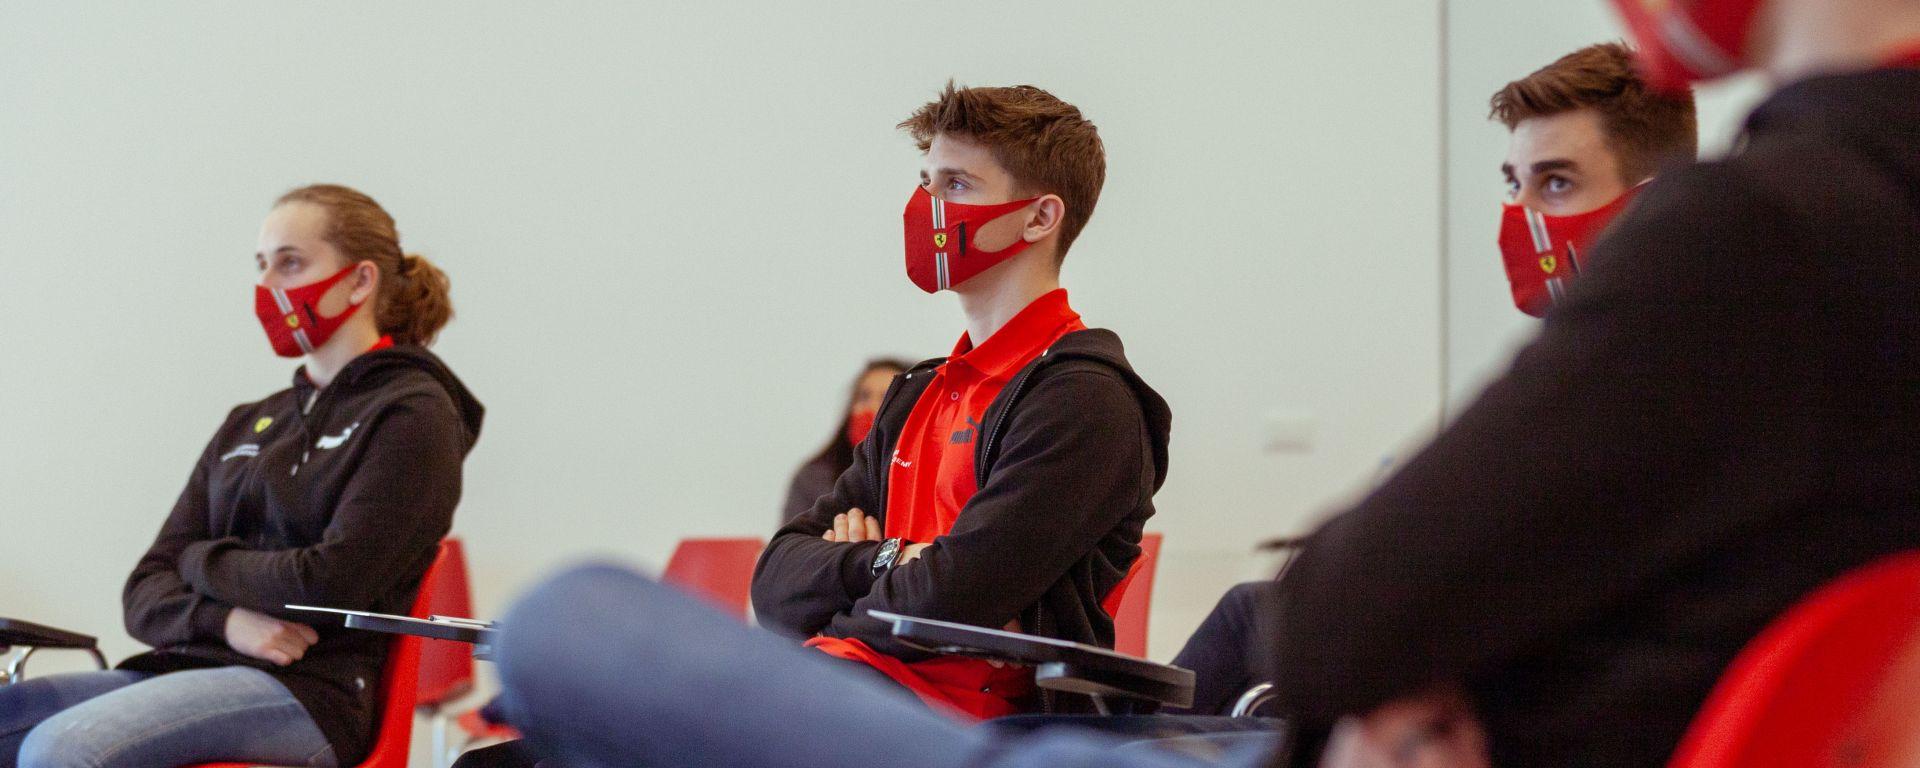 Ferrari, gli allievi della FDA alla ripresa dei corsi 2021